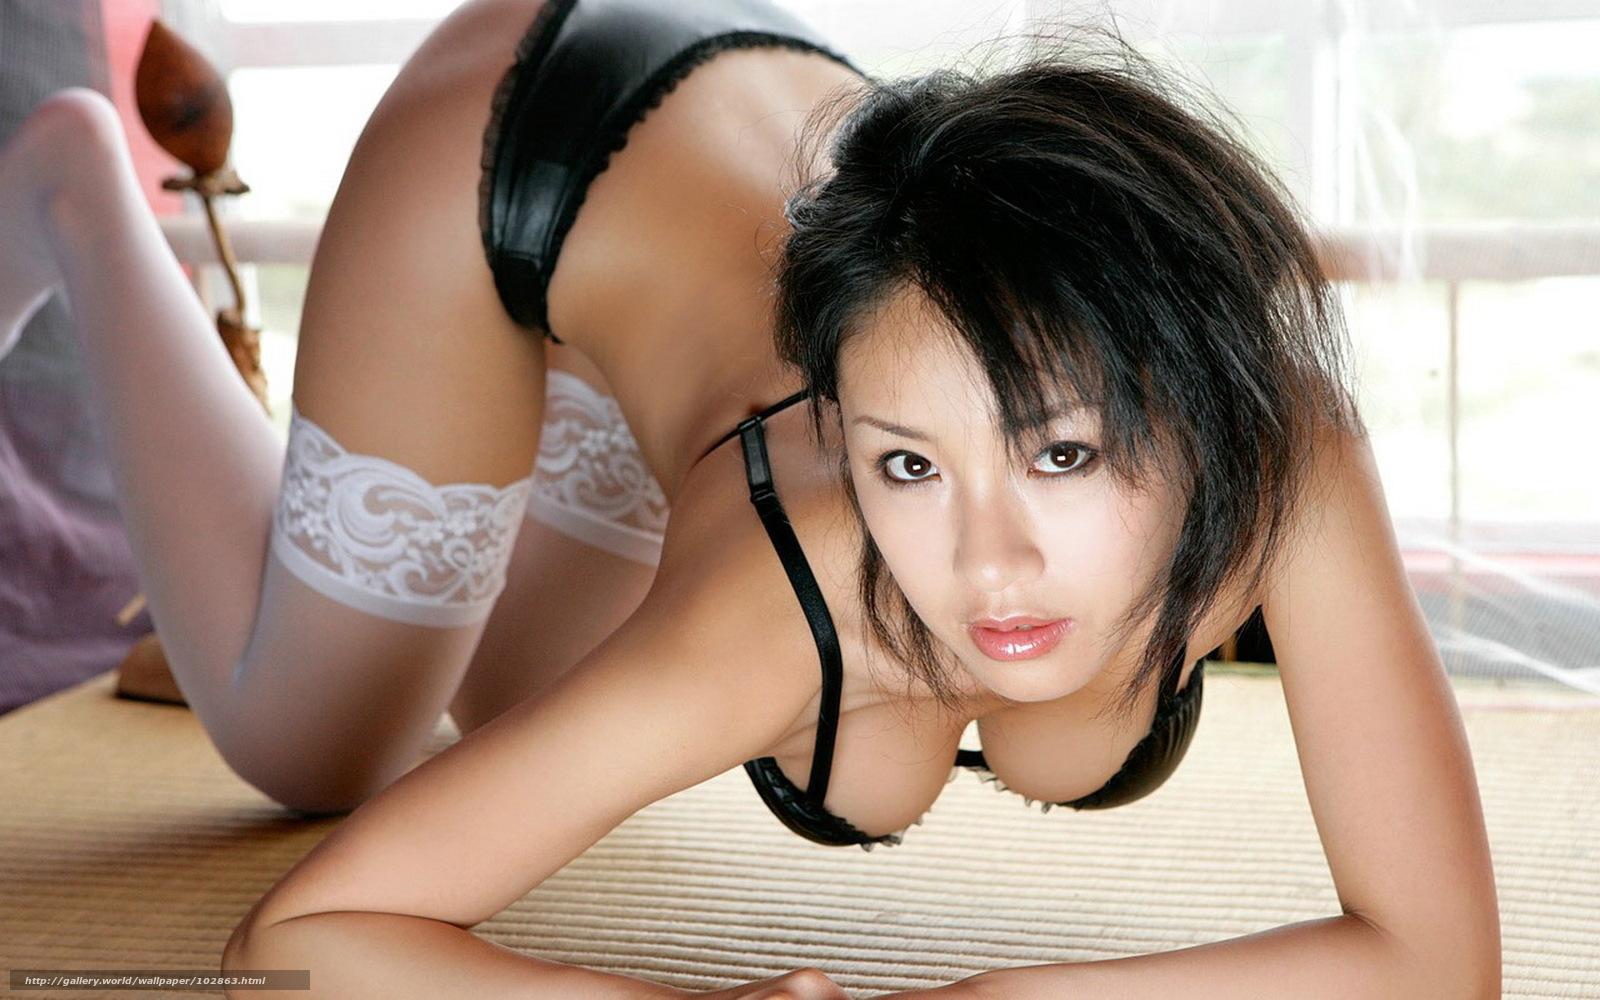 Смотреть азиатских девушек 8 фотография